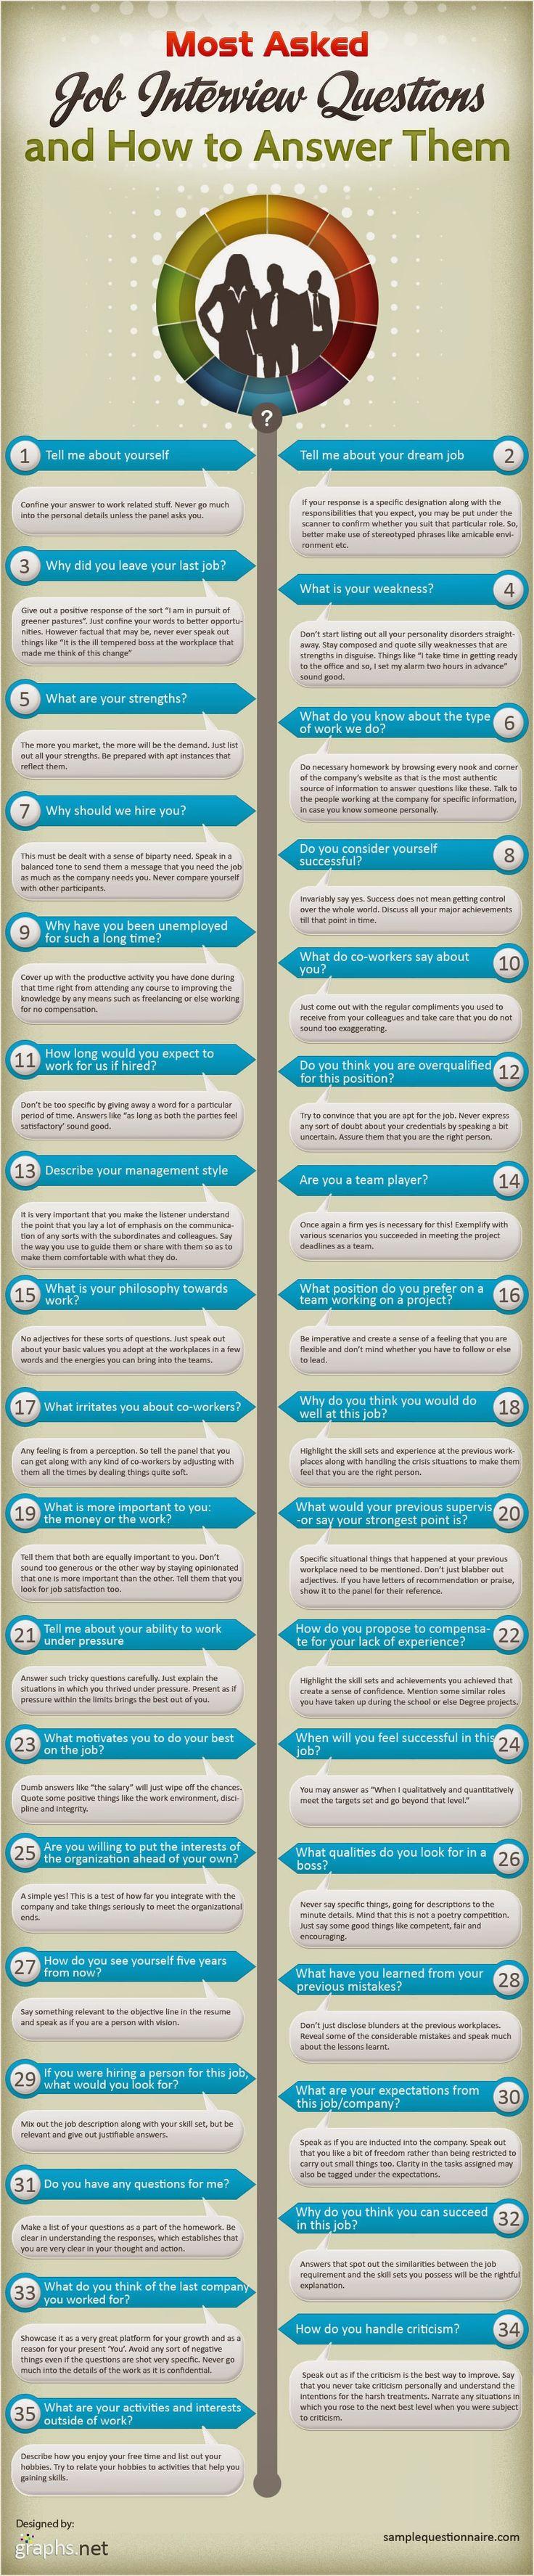 Las 35 preguntas más populares en una entrevista de trabajo y como contestarlas